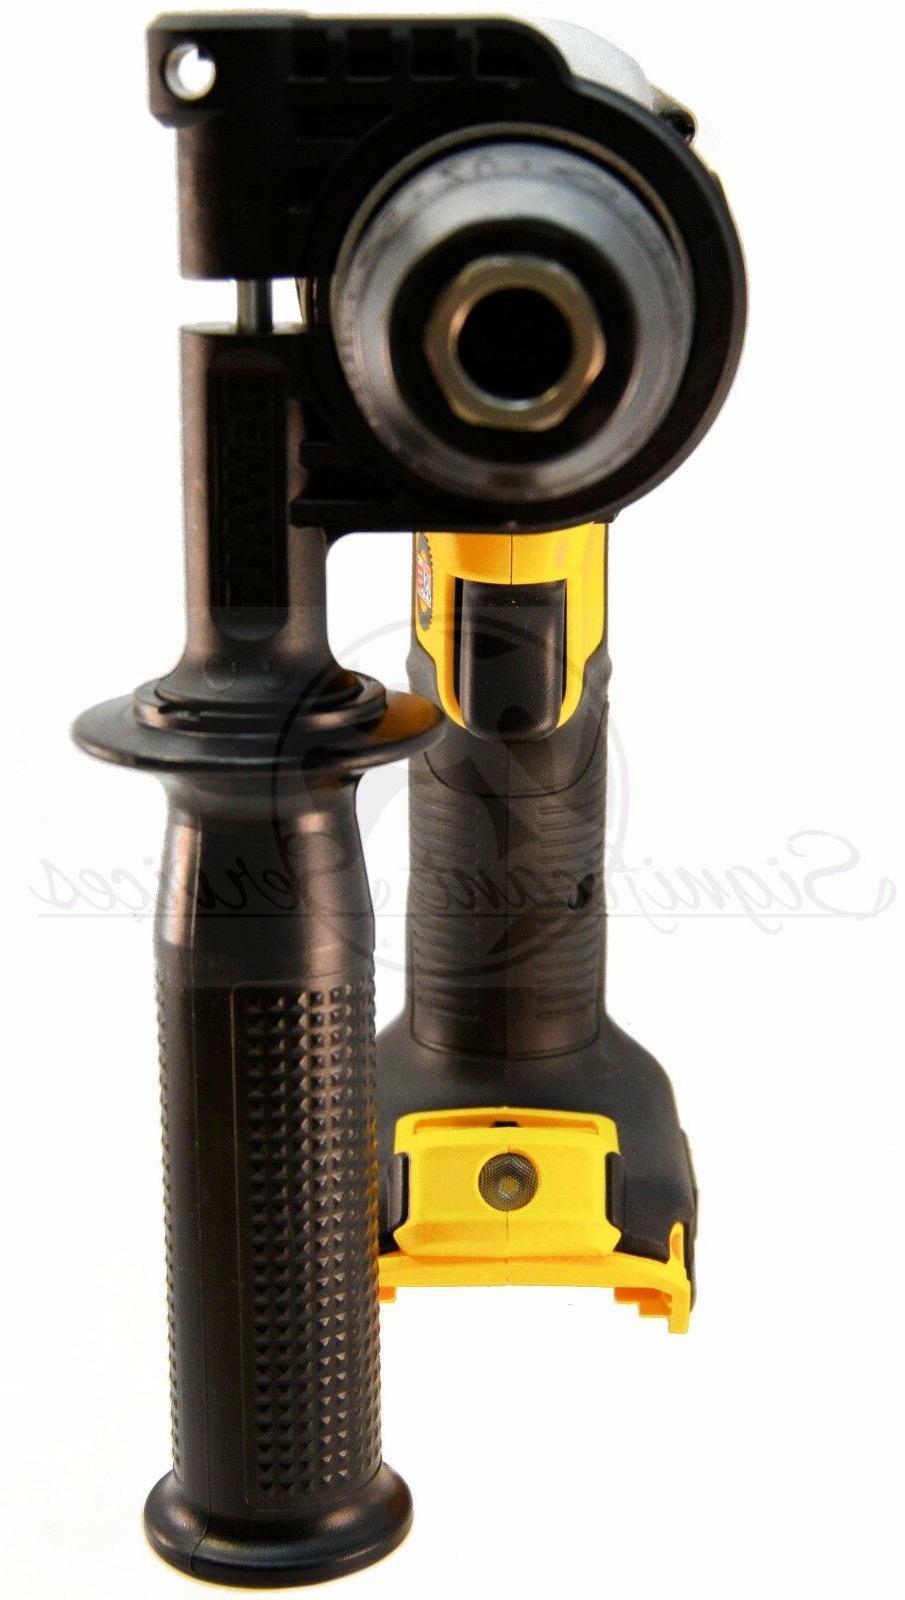 DeWALT DCD996 20V XR Brushless Drill